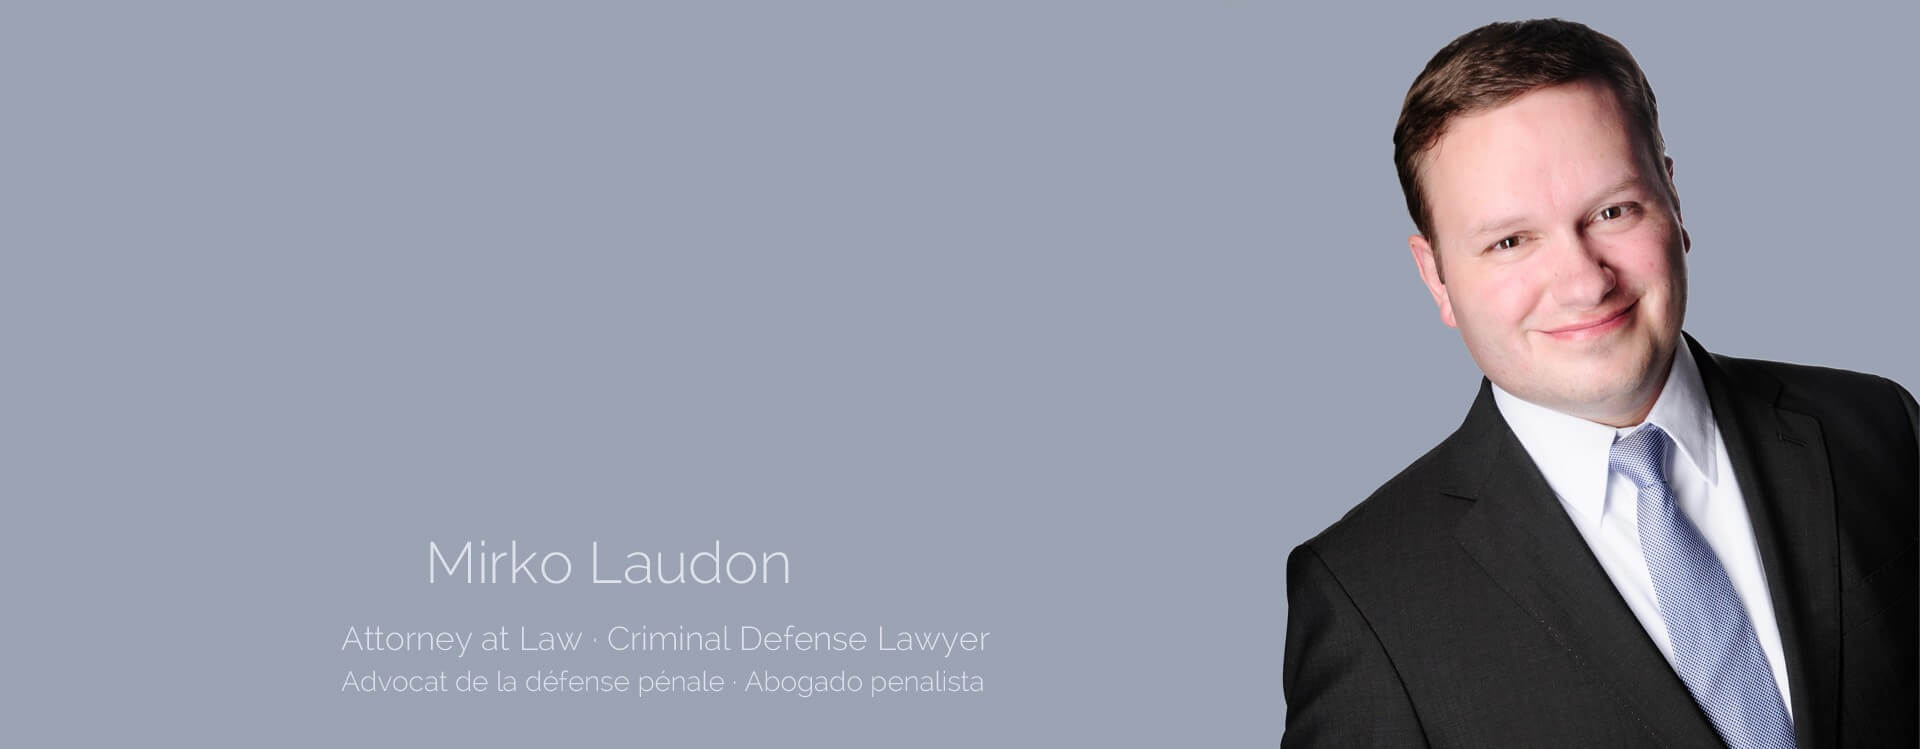 Attorney | Avocat | Abogado | Advogado | Avukat | Mirko Laudon, Rechtsanwalt und Strafverteidiger in Hamburg